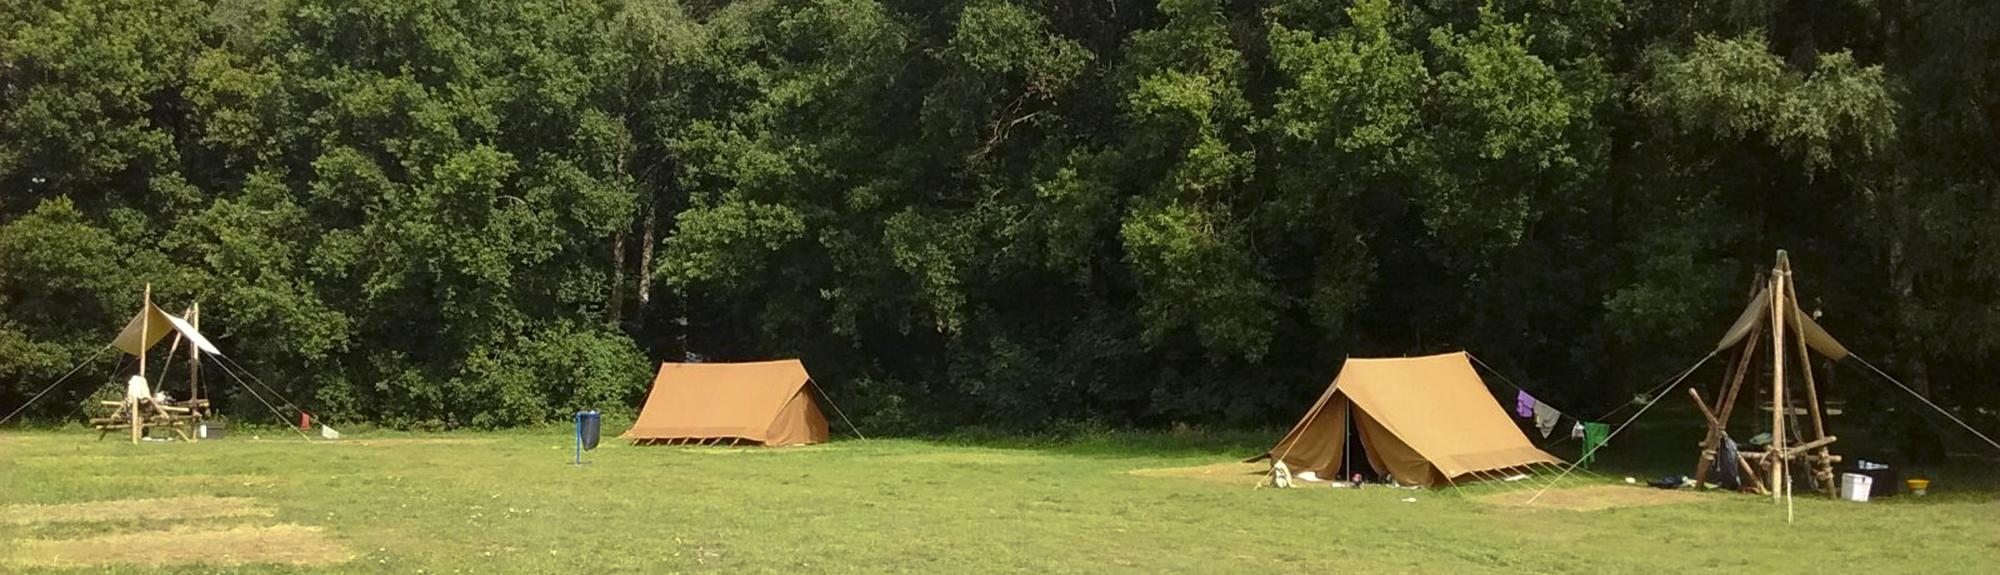 2015-08_zomerkamp-kampterrein